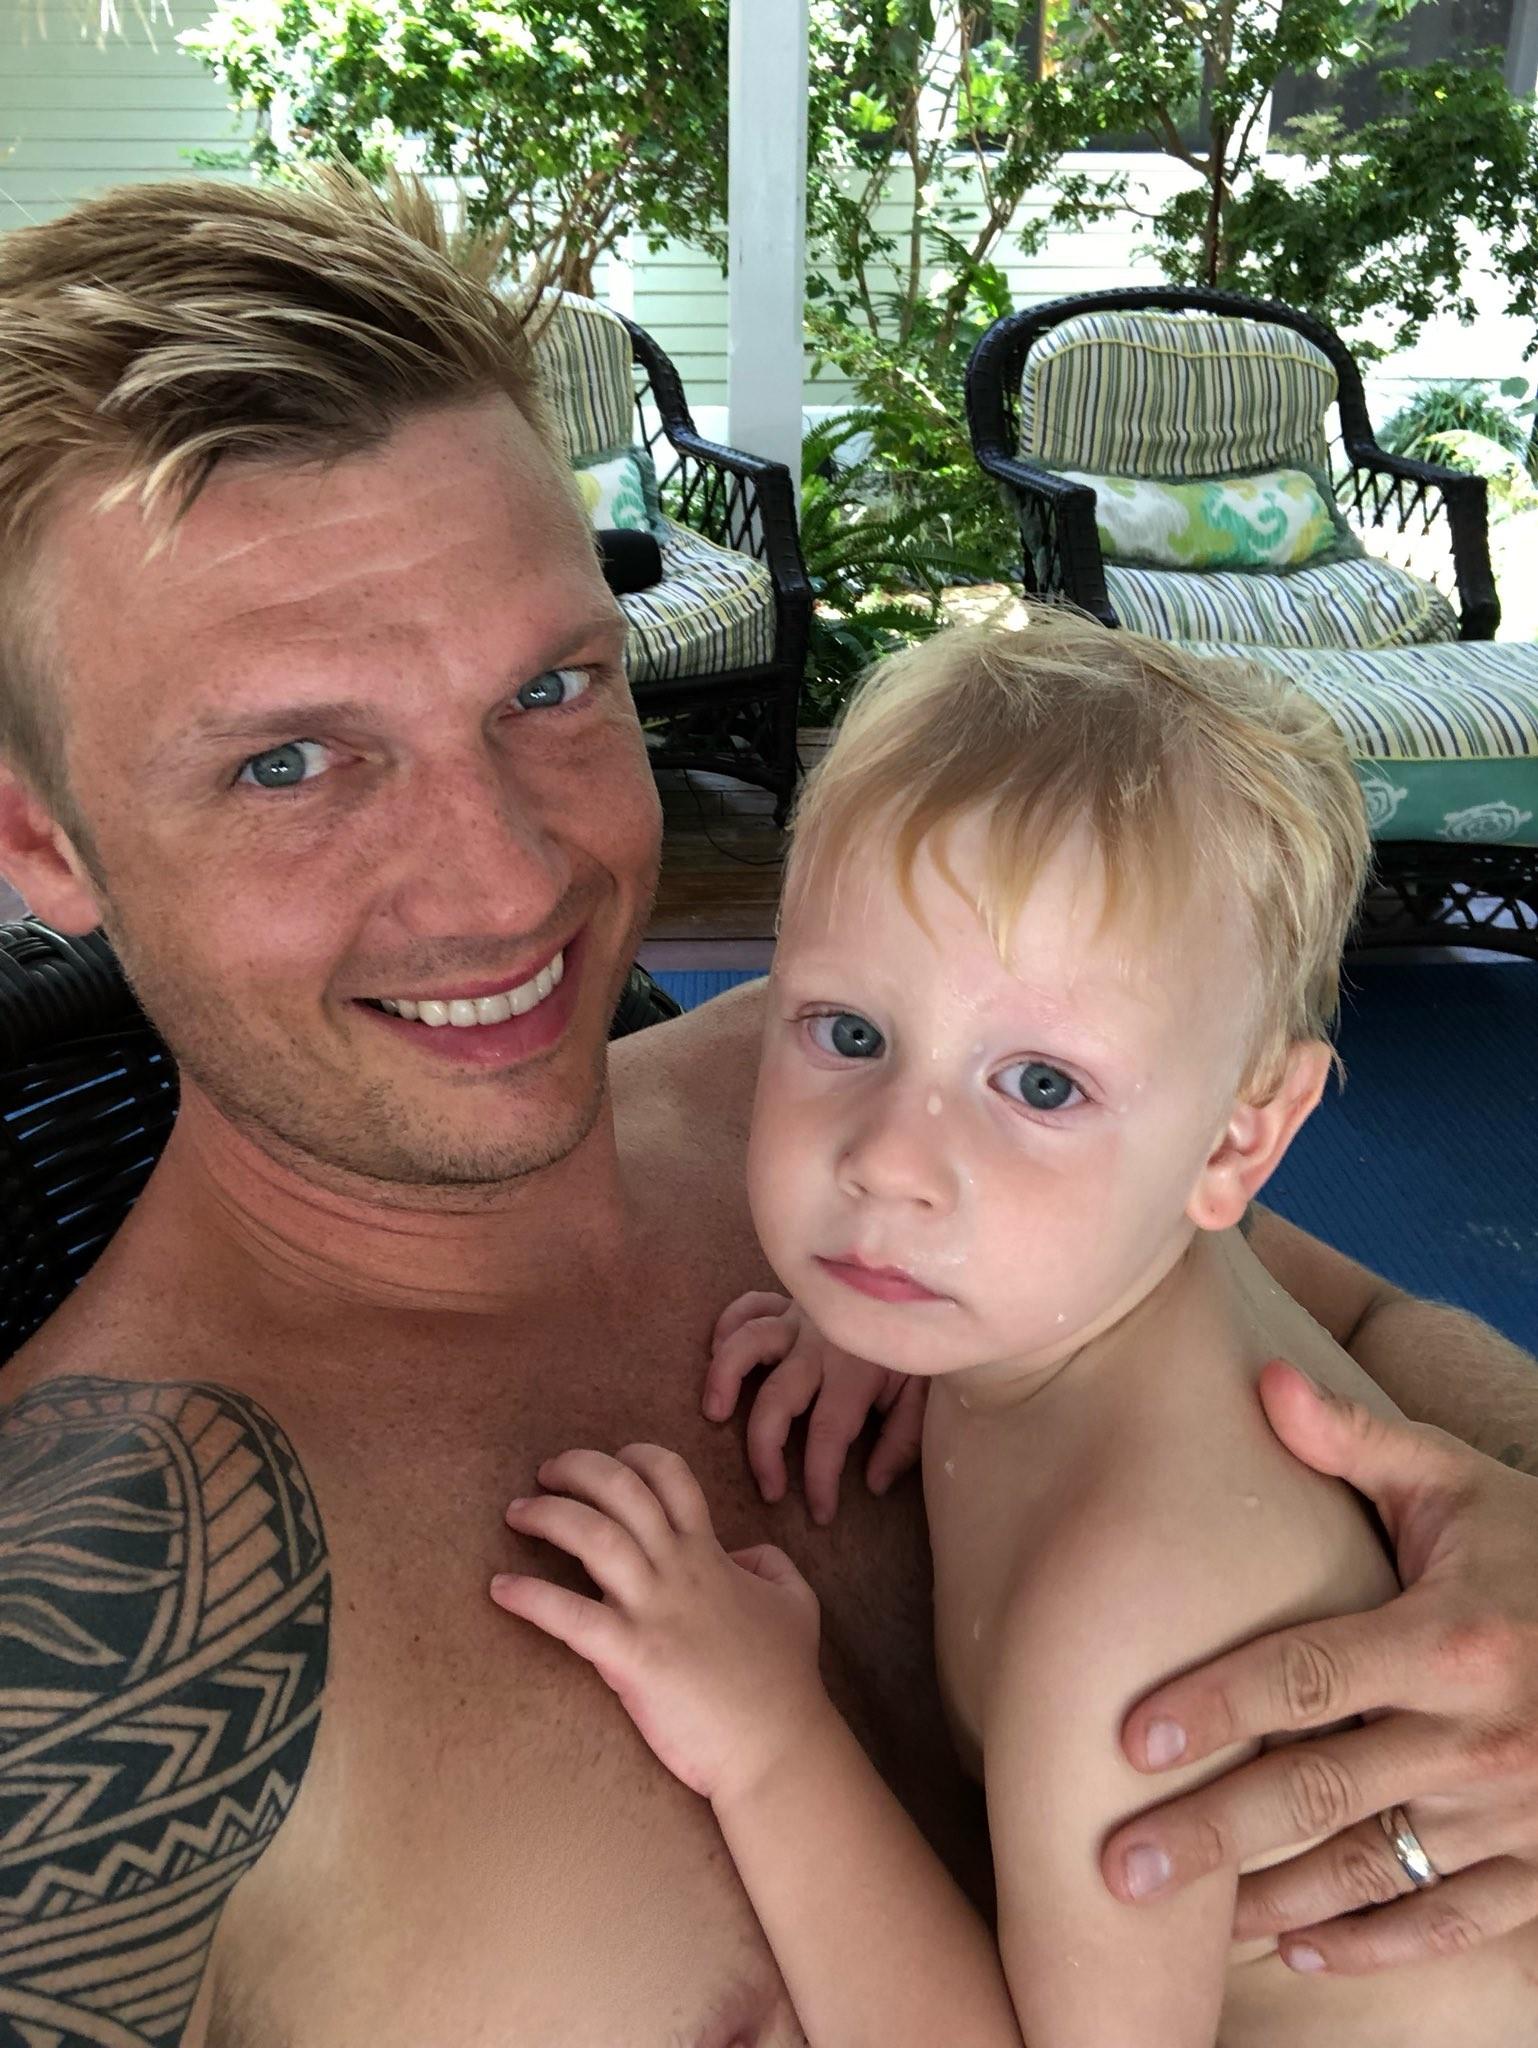 Nick com o filho, Odin, 2 anos (Foto: Reprodução/Twitter)